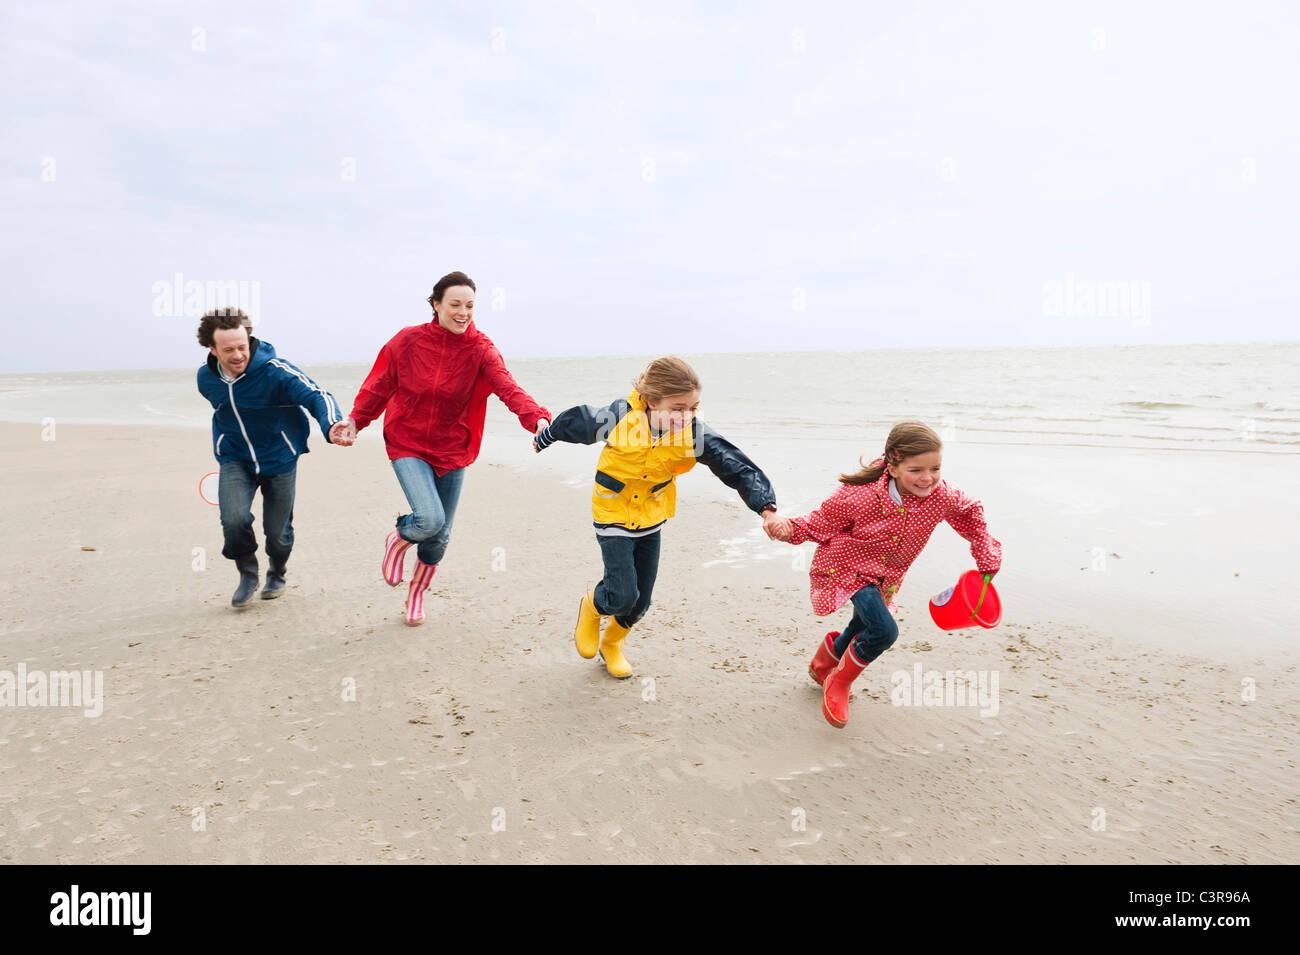 Alemania, St. Peter-Ording, Mar del Norte, la familia tomados de la mano y corriendo en la playa Imagen De Stock